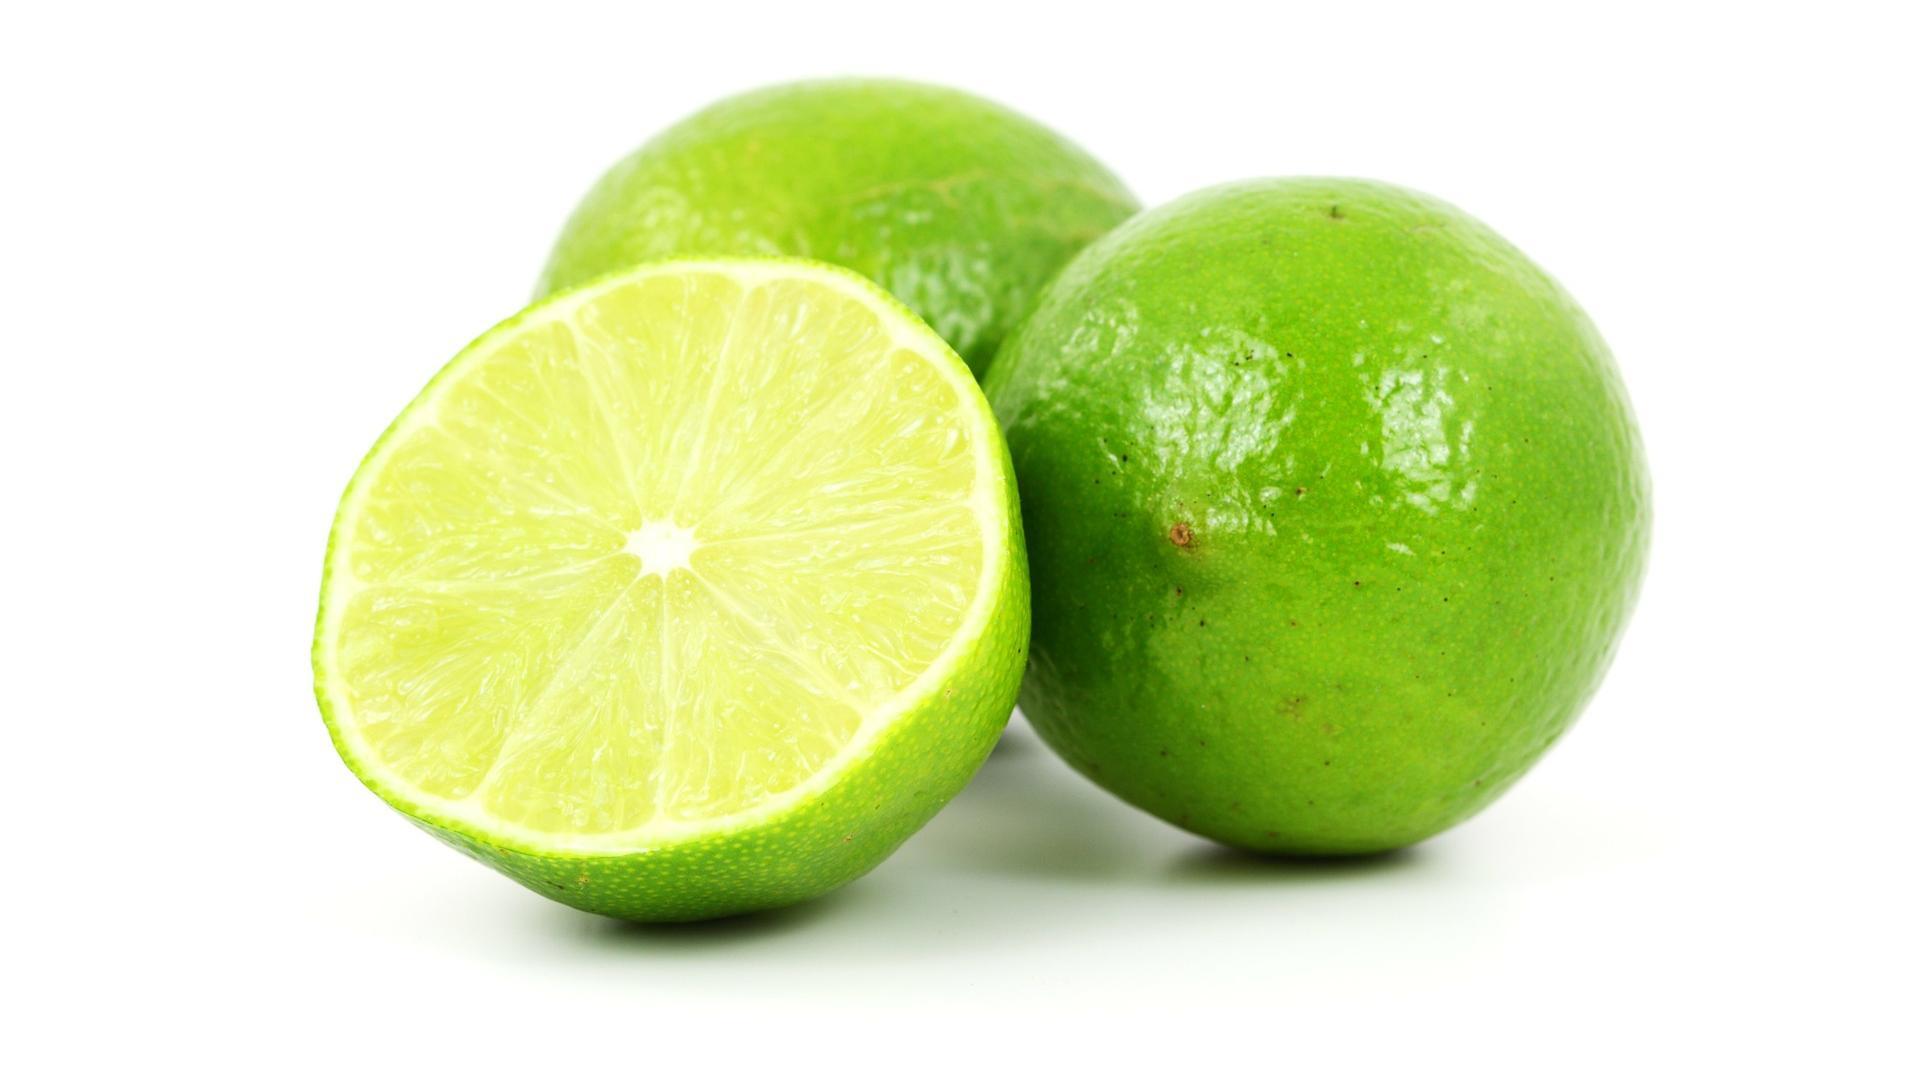 Ob man Limetten einfrieren kann, erfahren Sie in unserem Artikel.